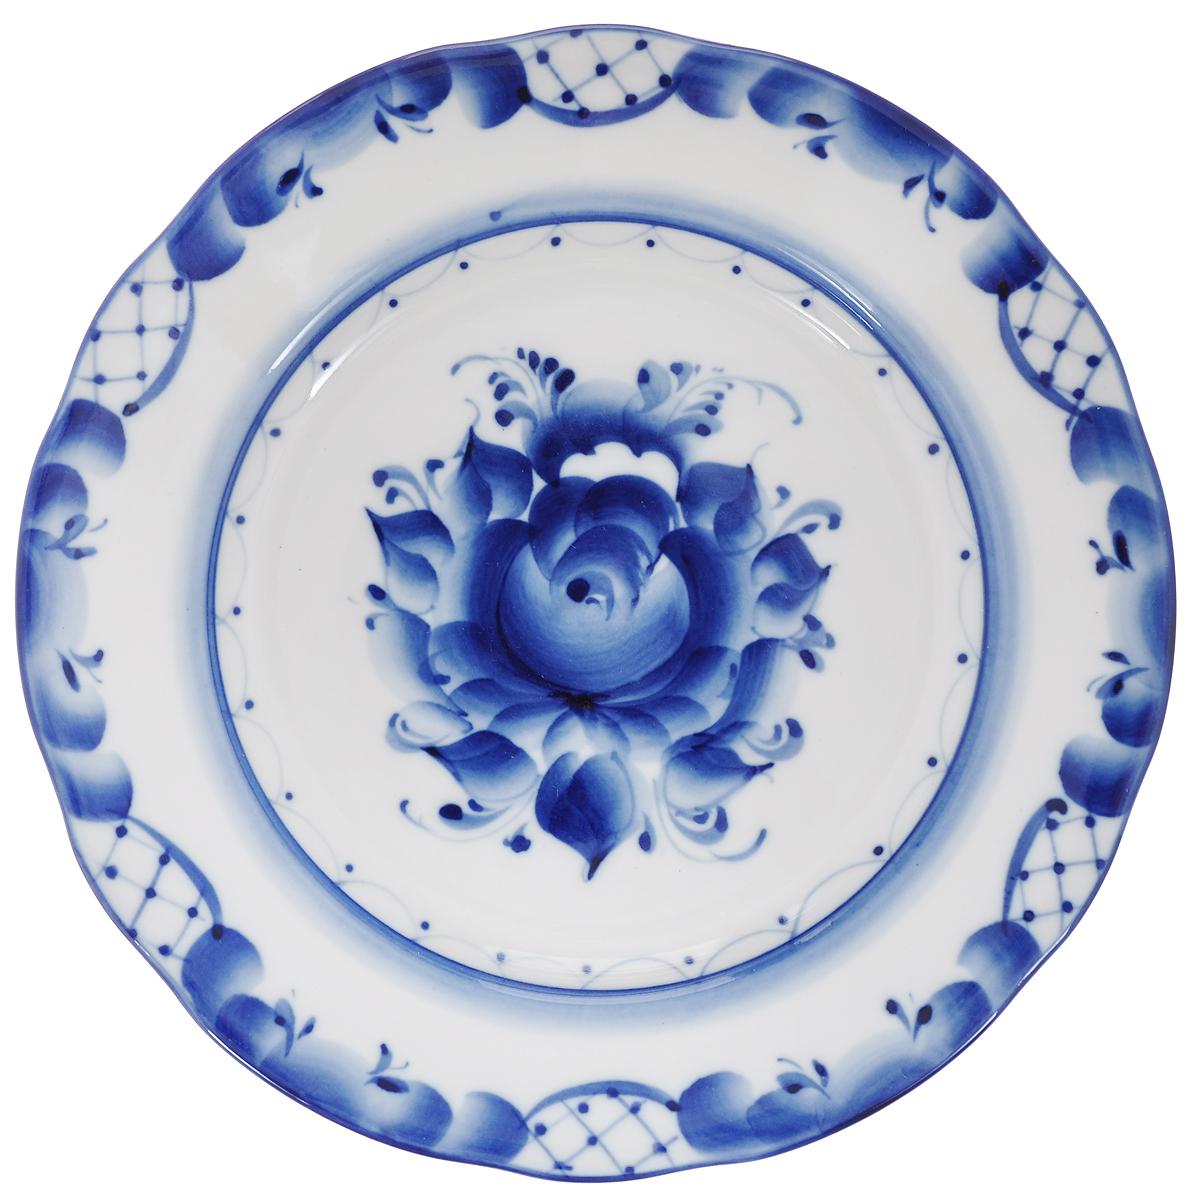 Тарелка десертная Дубок, диаметр 20 см115510Тарелка десертная Дубок, изготовленная из высококачественной керамики, предназначена для красивой сервировки стола. Тарелка оформлена оригинальной гжельской росписью. Прекрасный дизайн изделия идеально подойдет для сервировки стола.Обращаем ваше внимание, что роспись на изделиях сделана вручную. Рисунок может немного отличаться от изображения на фотографии. Диаметр: 20 см. Высота тарелки: 2 см.